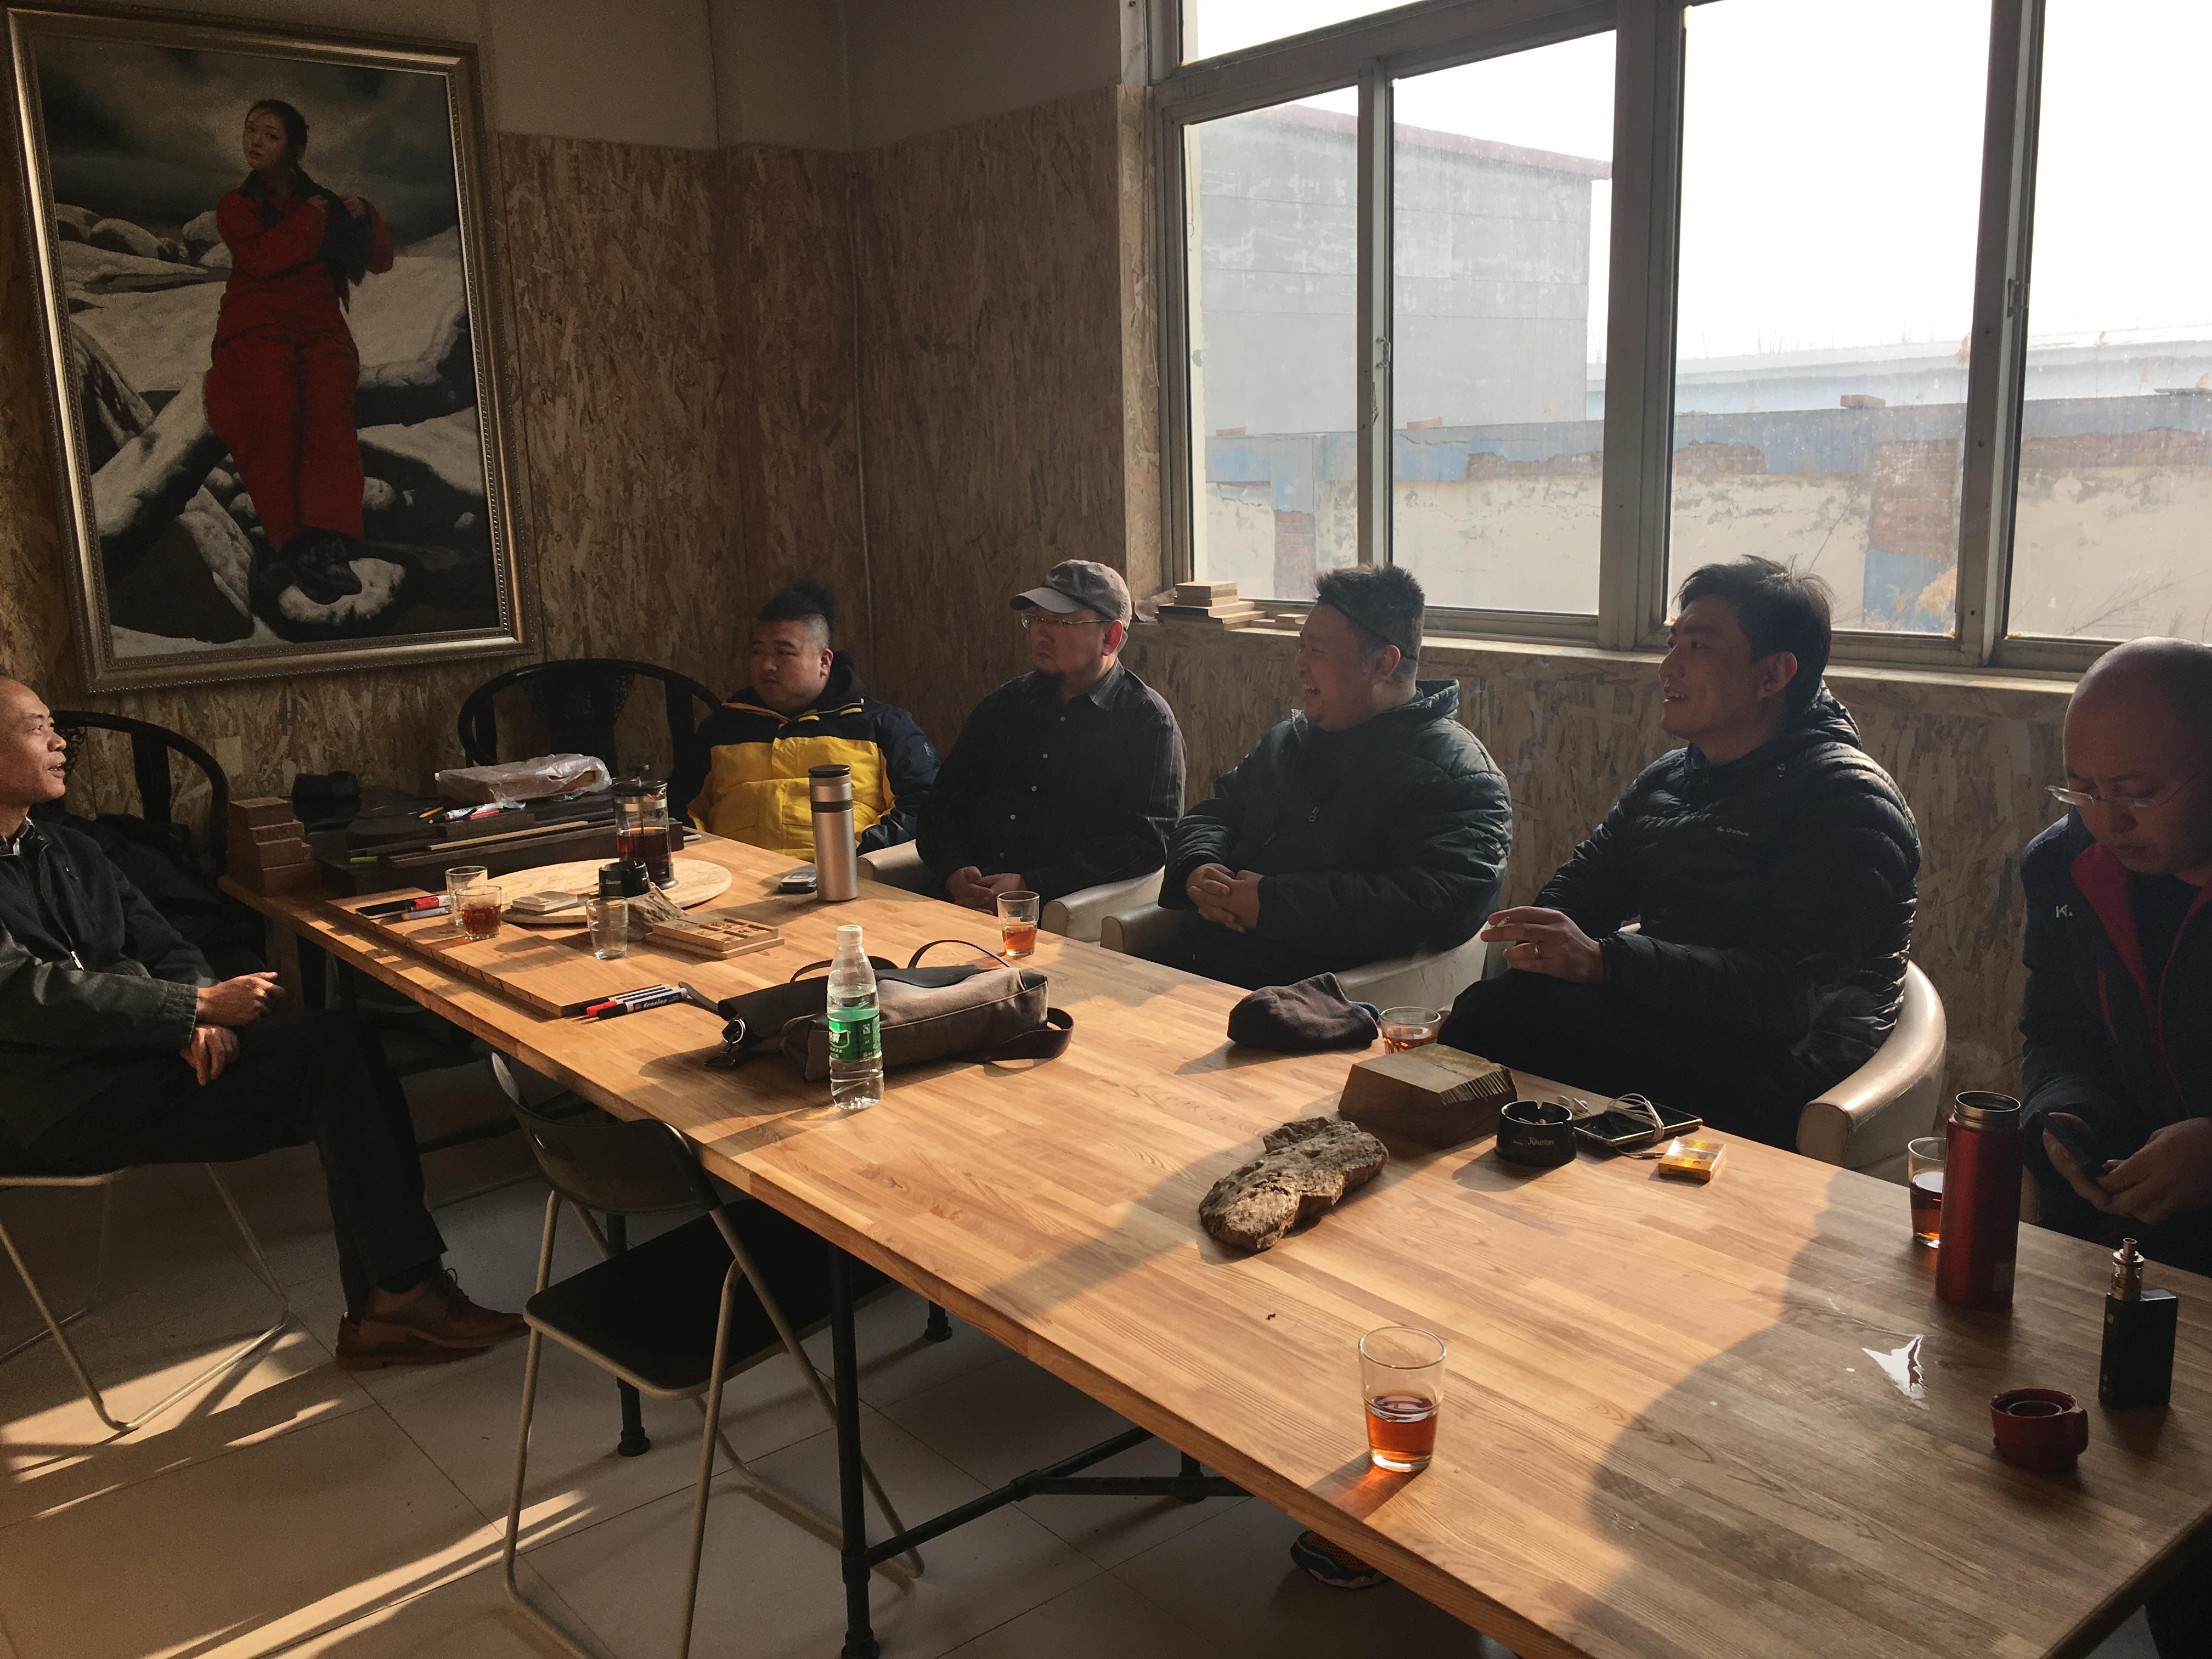 北京南站,高速公路,天津南站,天津市,原材料 天津Tr68帆船DIY建造项目正式落定 IMG_4099.JPG